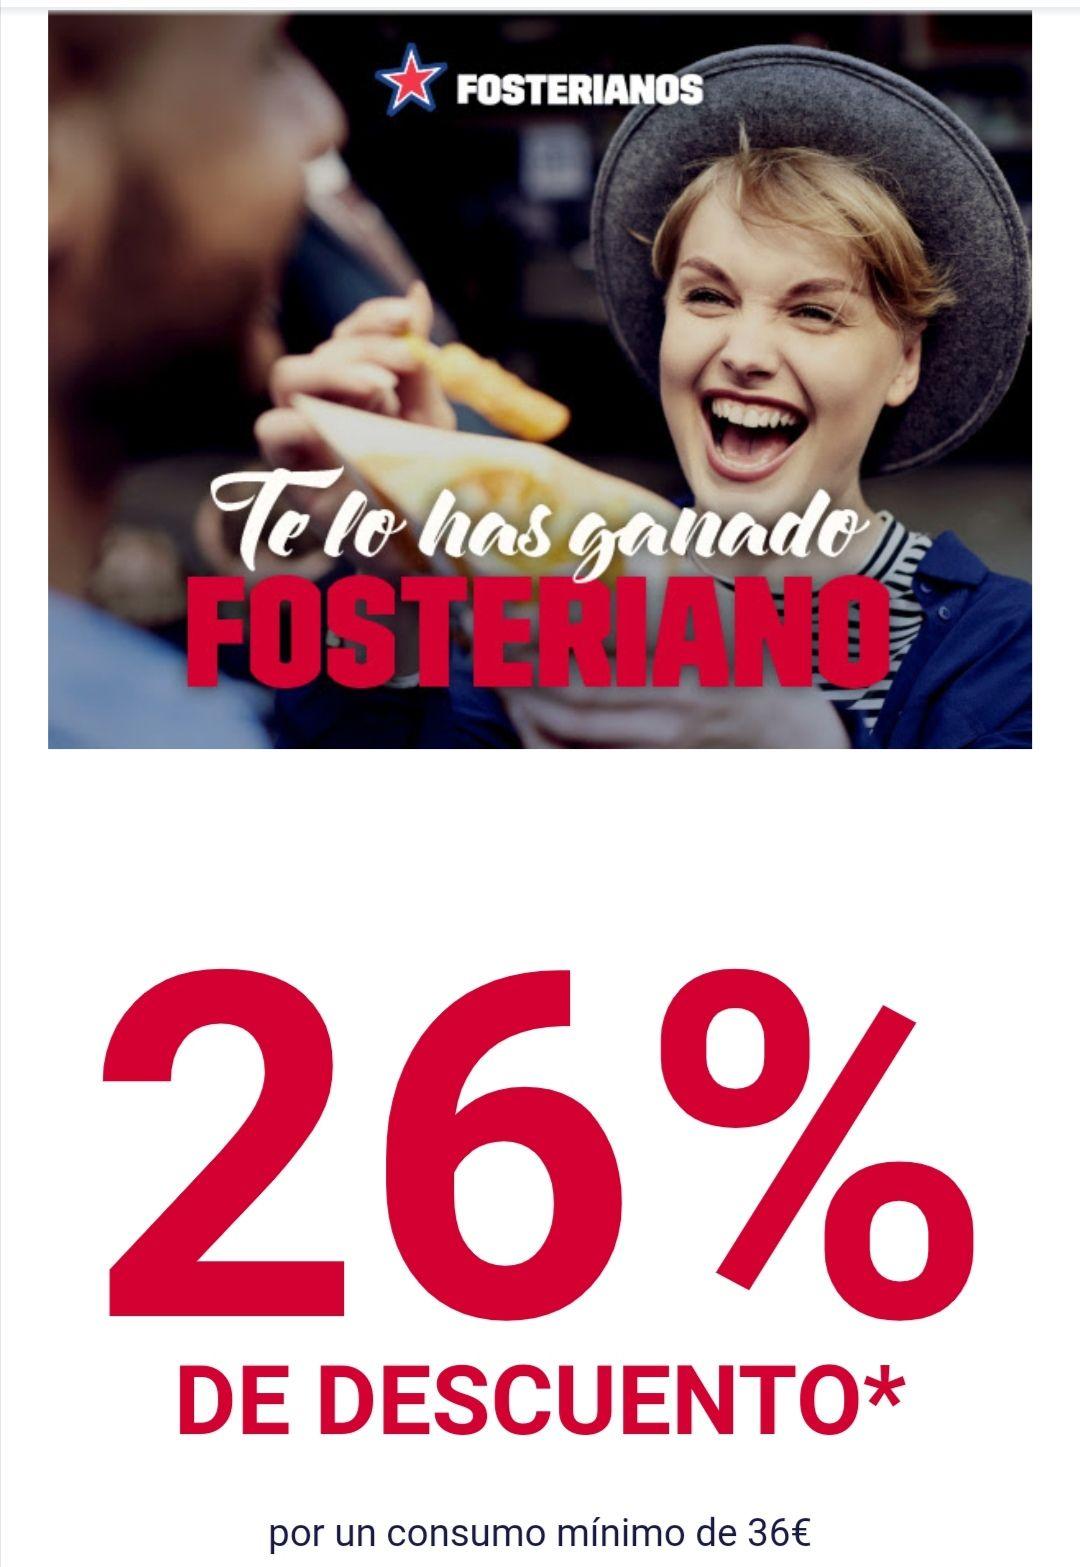 26% descuento en Foster Hollywood para Fosterianos (seleccionados en email o app. Min. 36 euros)